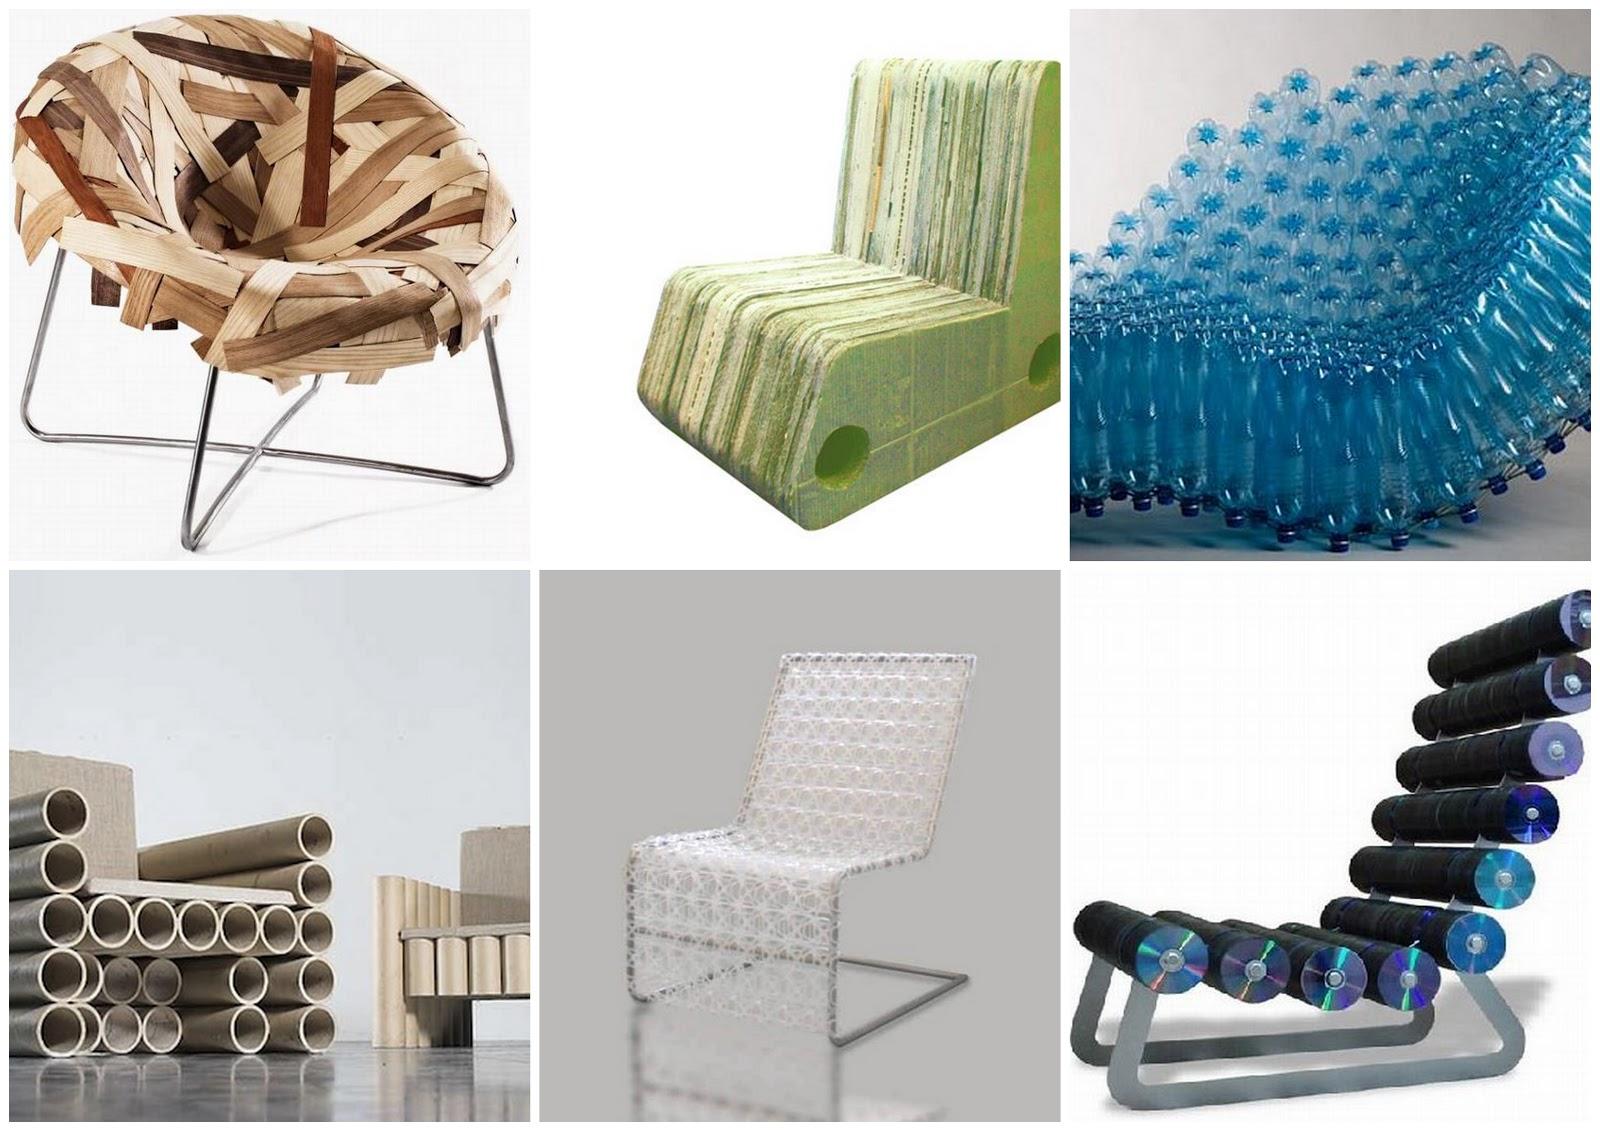 Reciclar decoracion reciclaje y creatividad for Reciclaje decoracion hogar